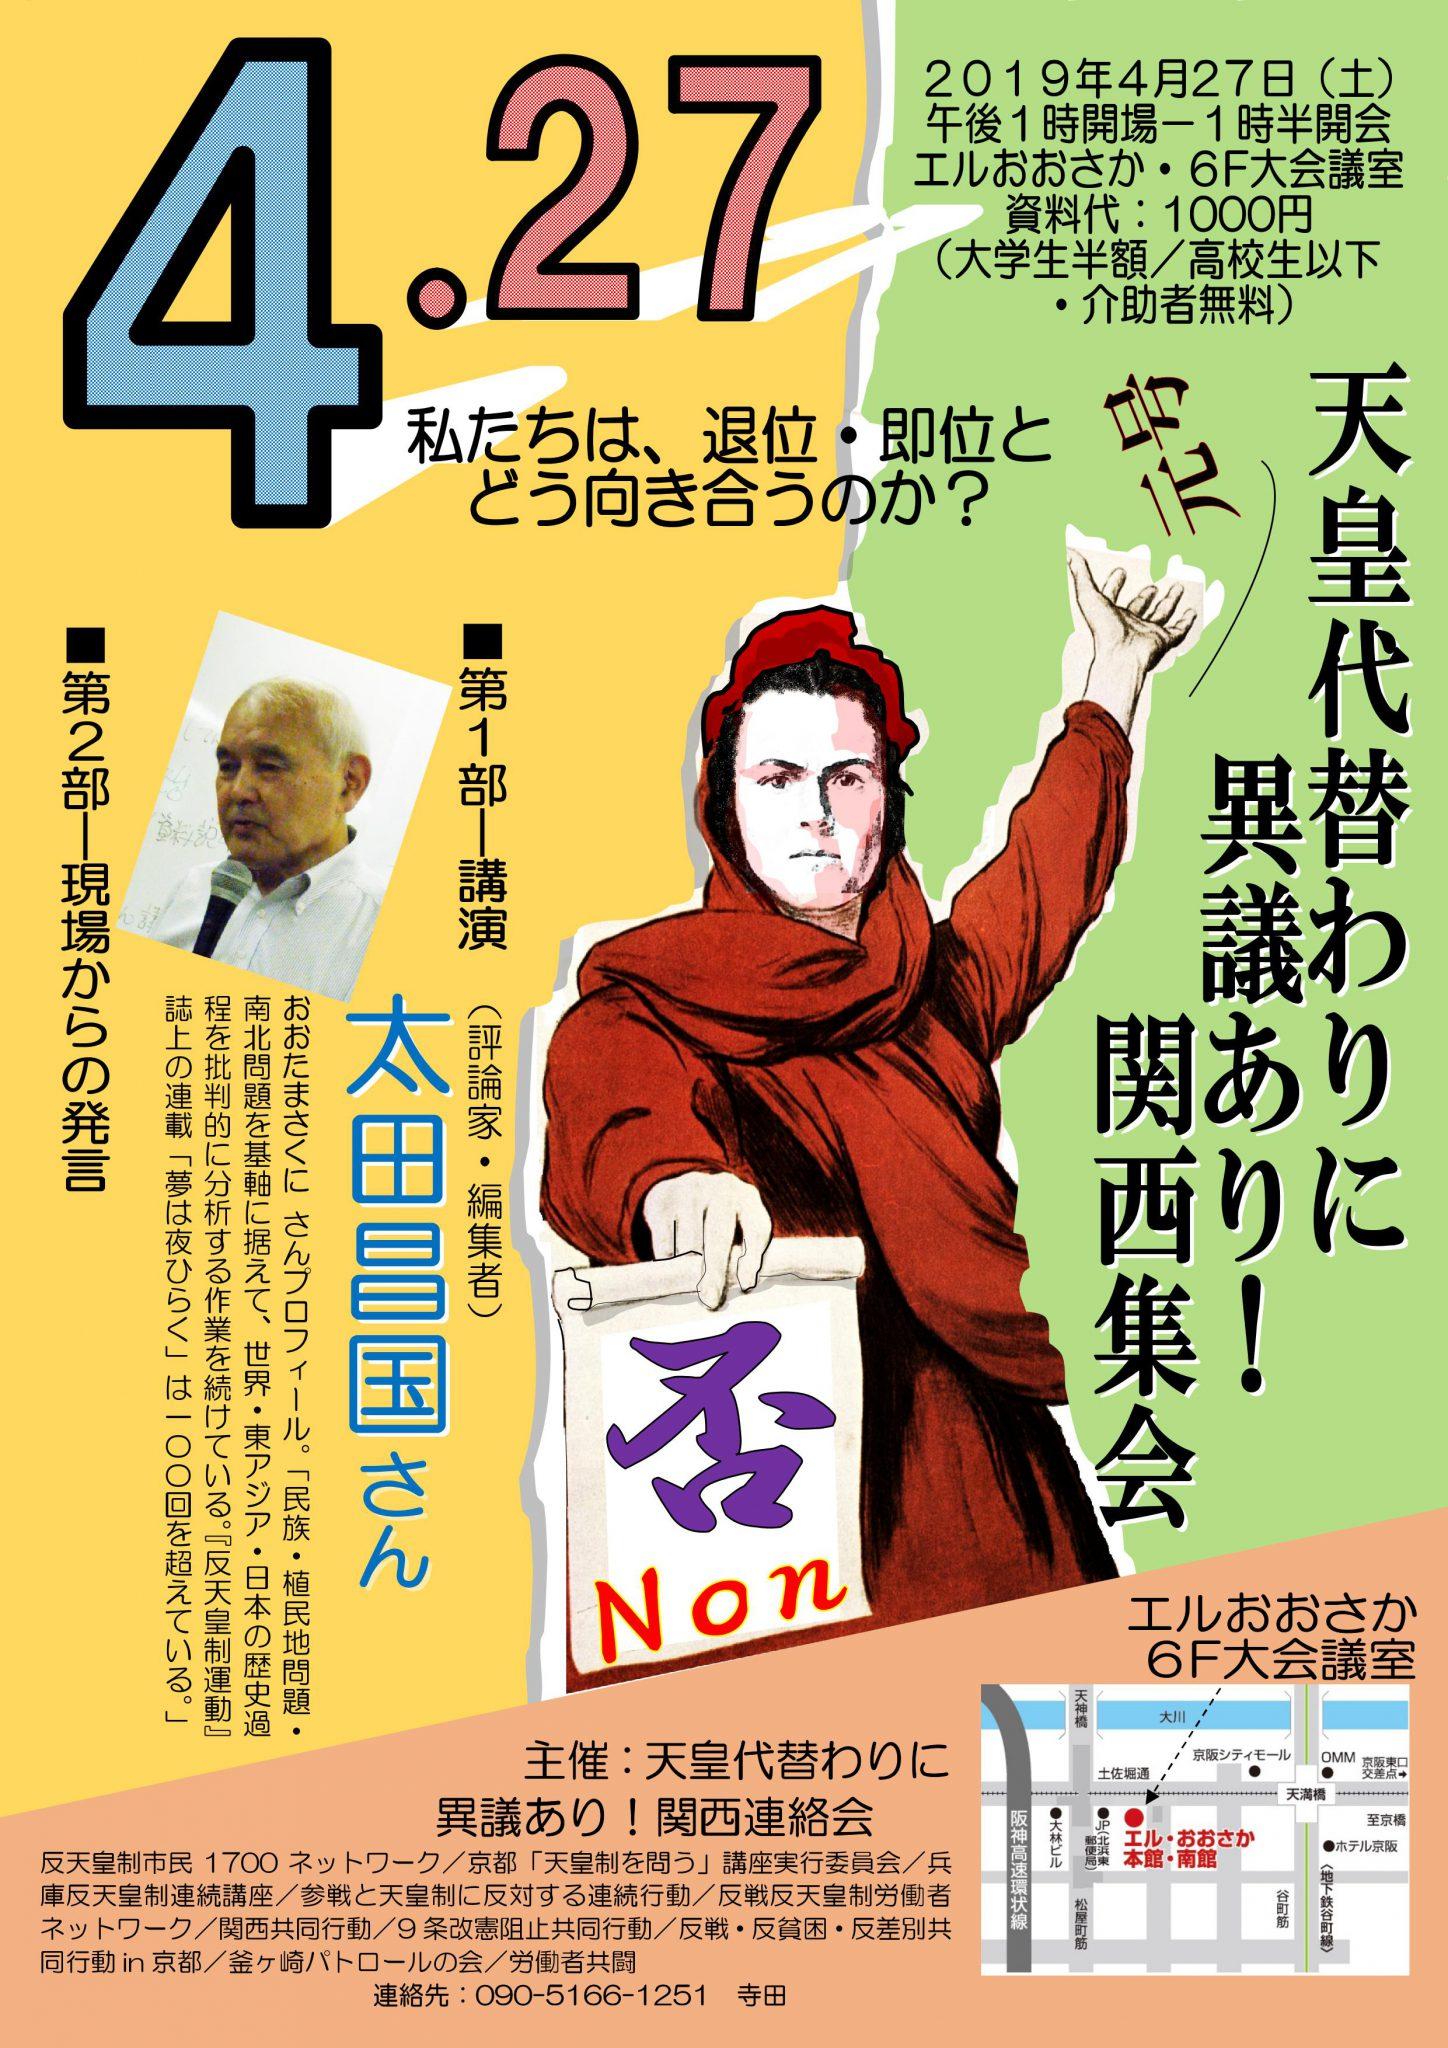 4.27天皇代替わりに異議あり! 関西集会